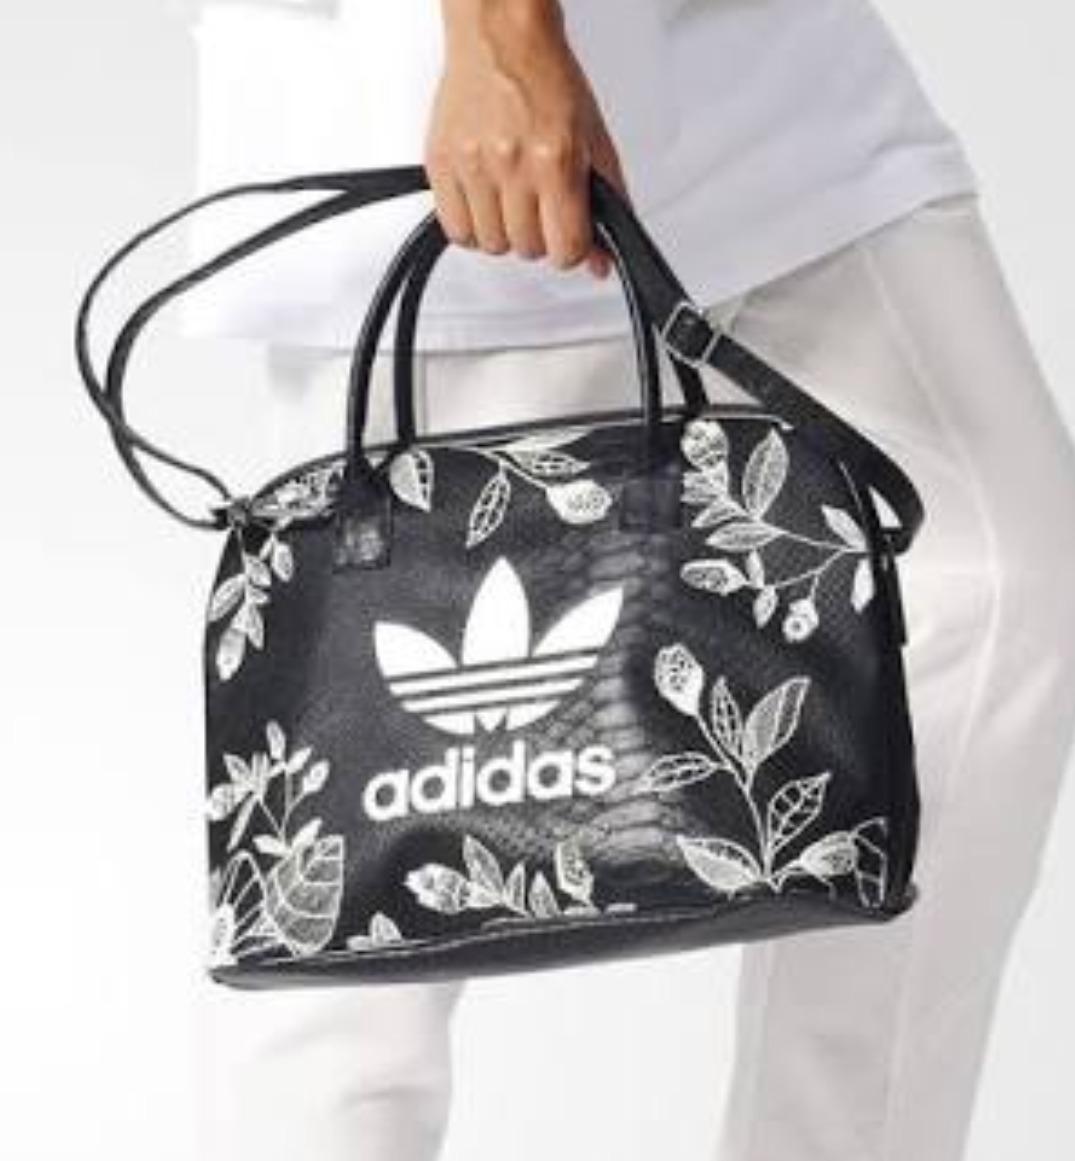 ec752553b Bolsa adidas Farm - R$ 209,00 em Mercado Livre